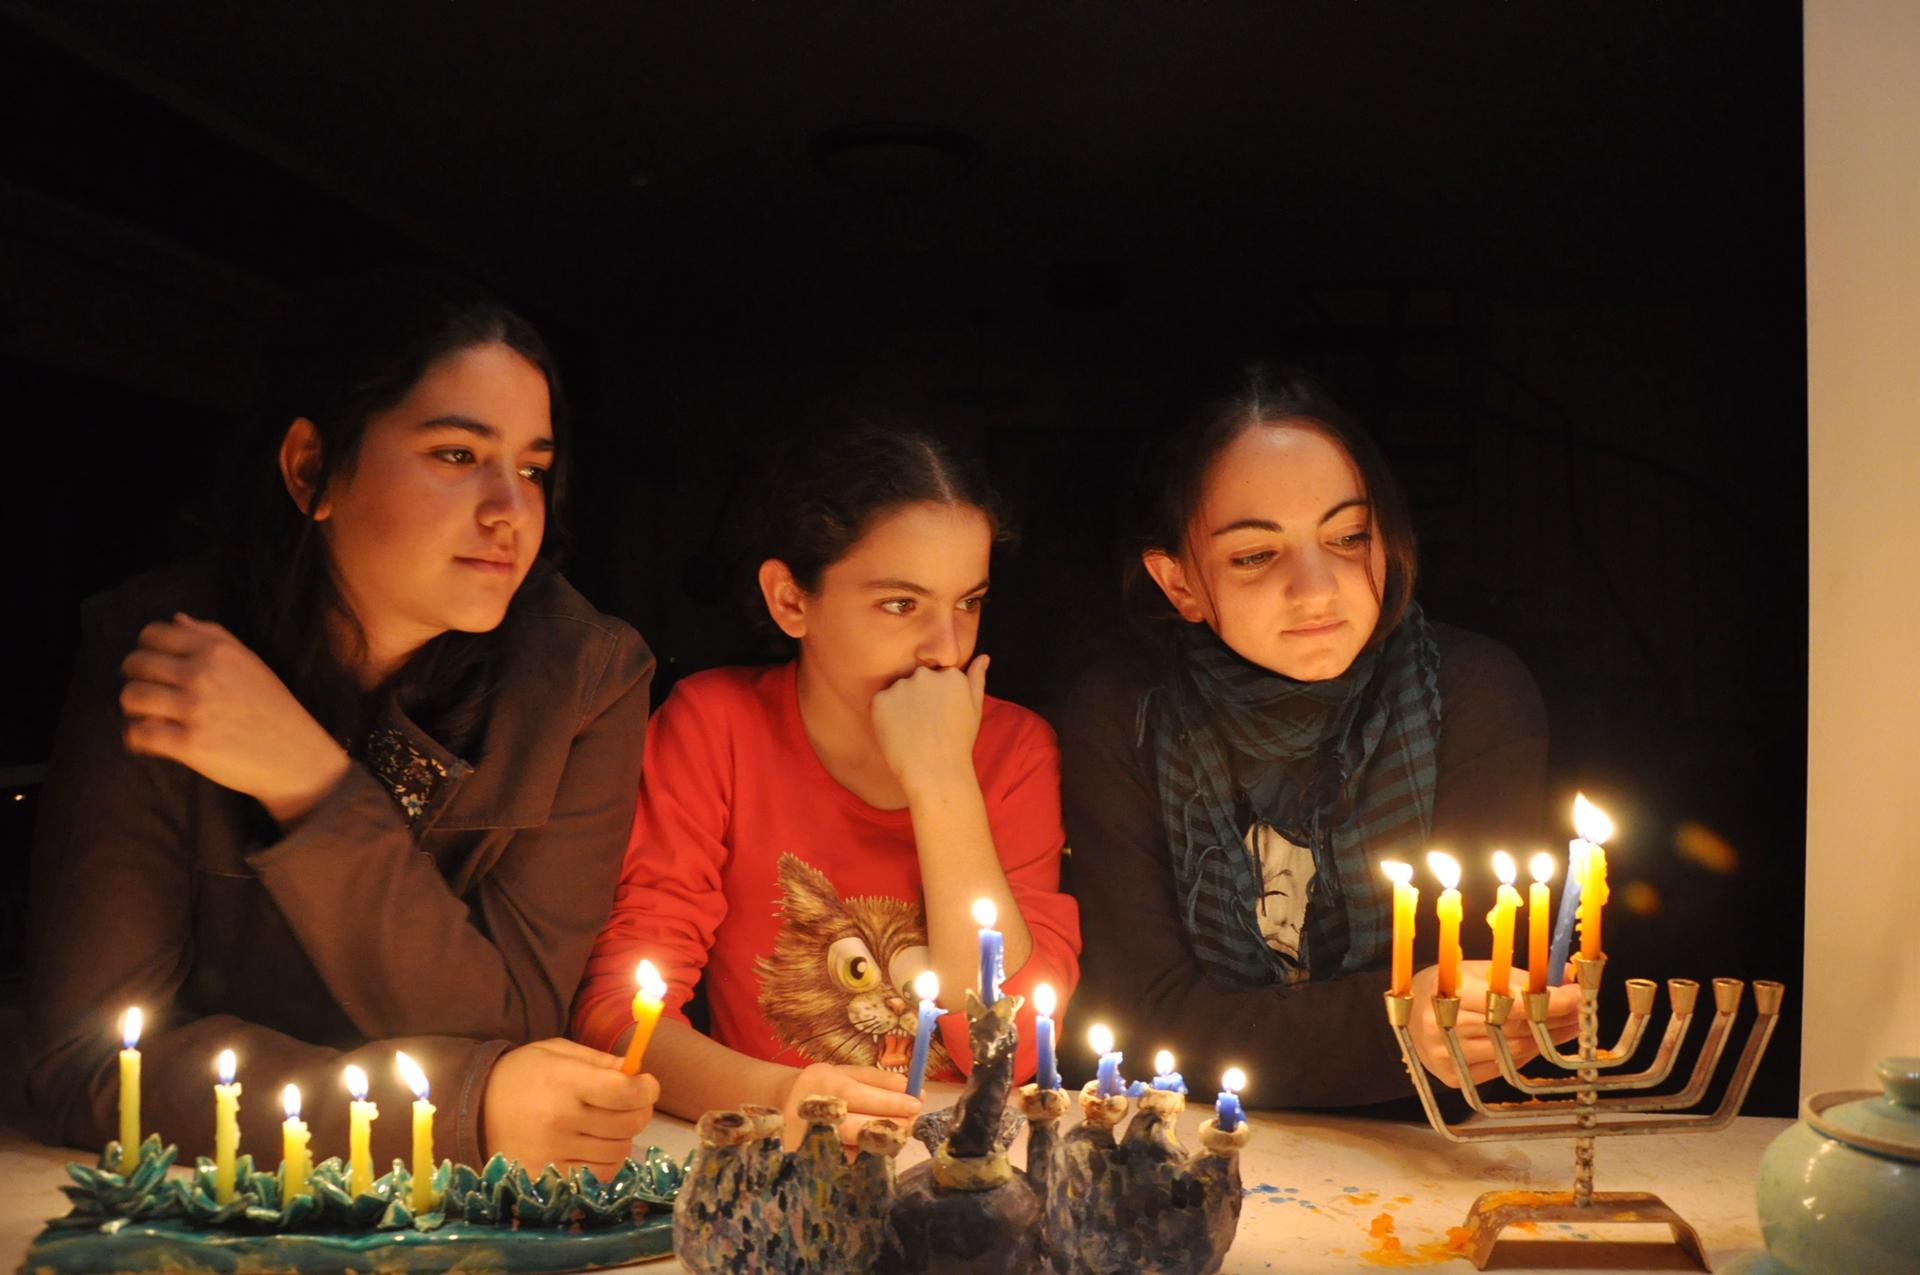 בנות שתרוג - חנוכה 2009 - חנוכייה - אור - יואל שתרוג - אדמה יוצרת - yoel sitruk